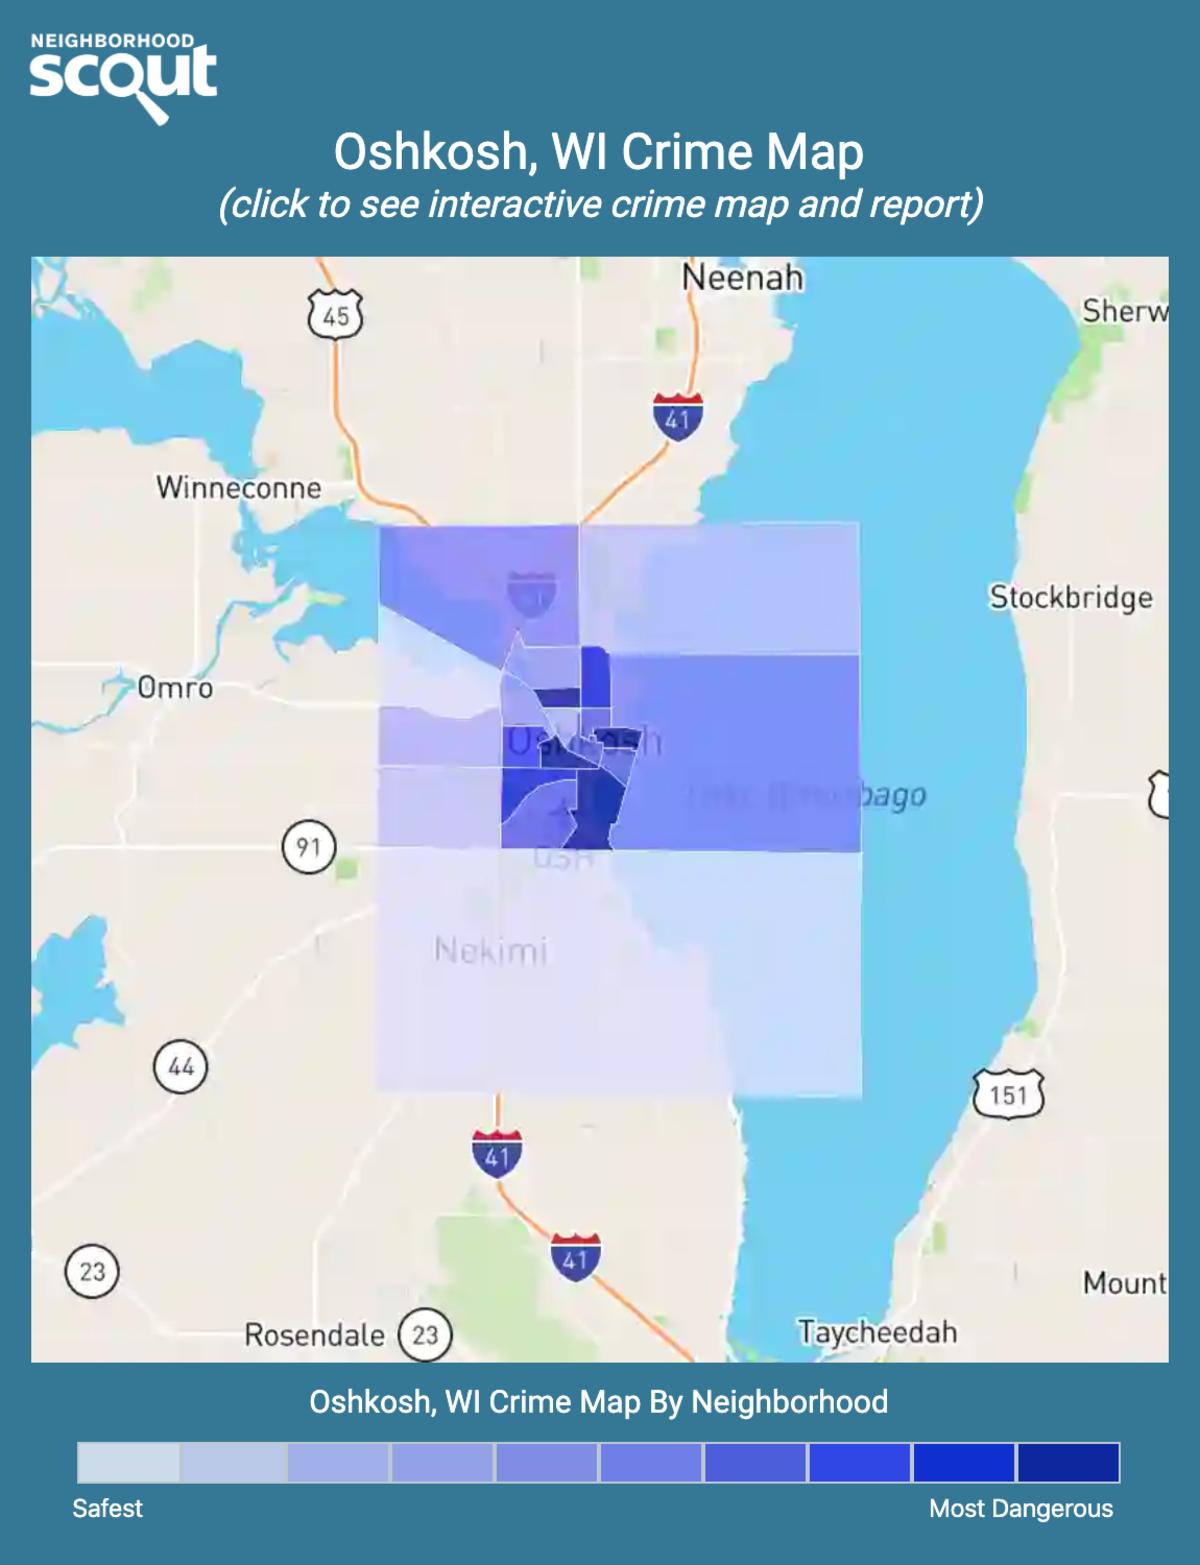 Oshkosh, Wisconsin crime map